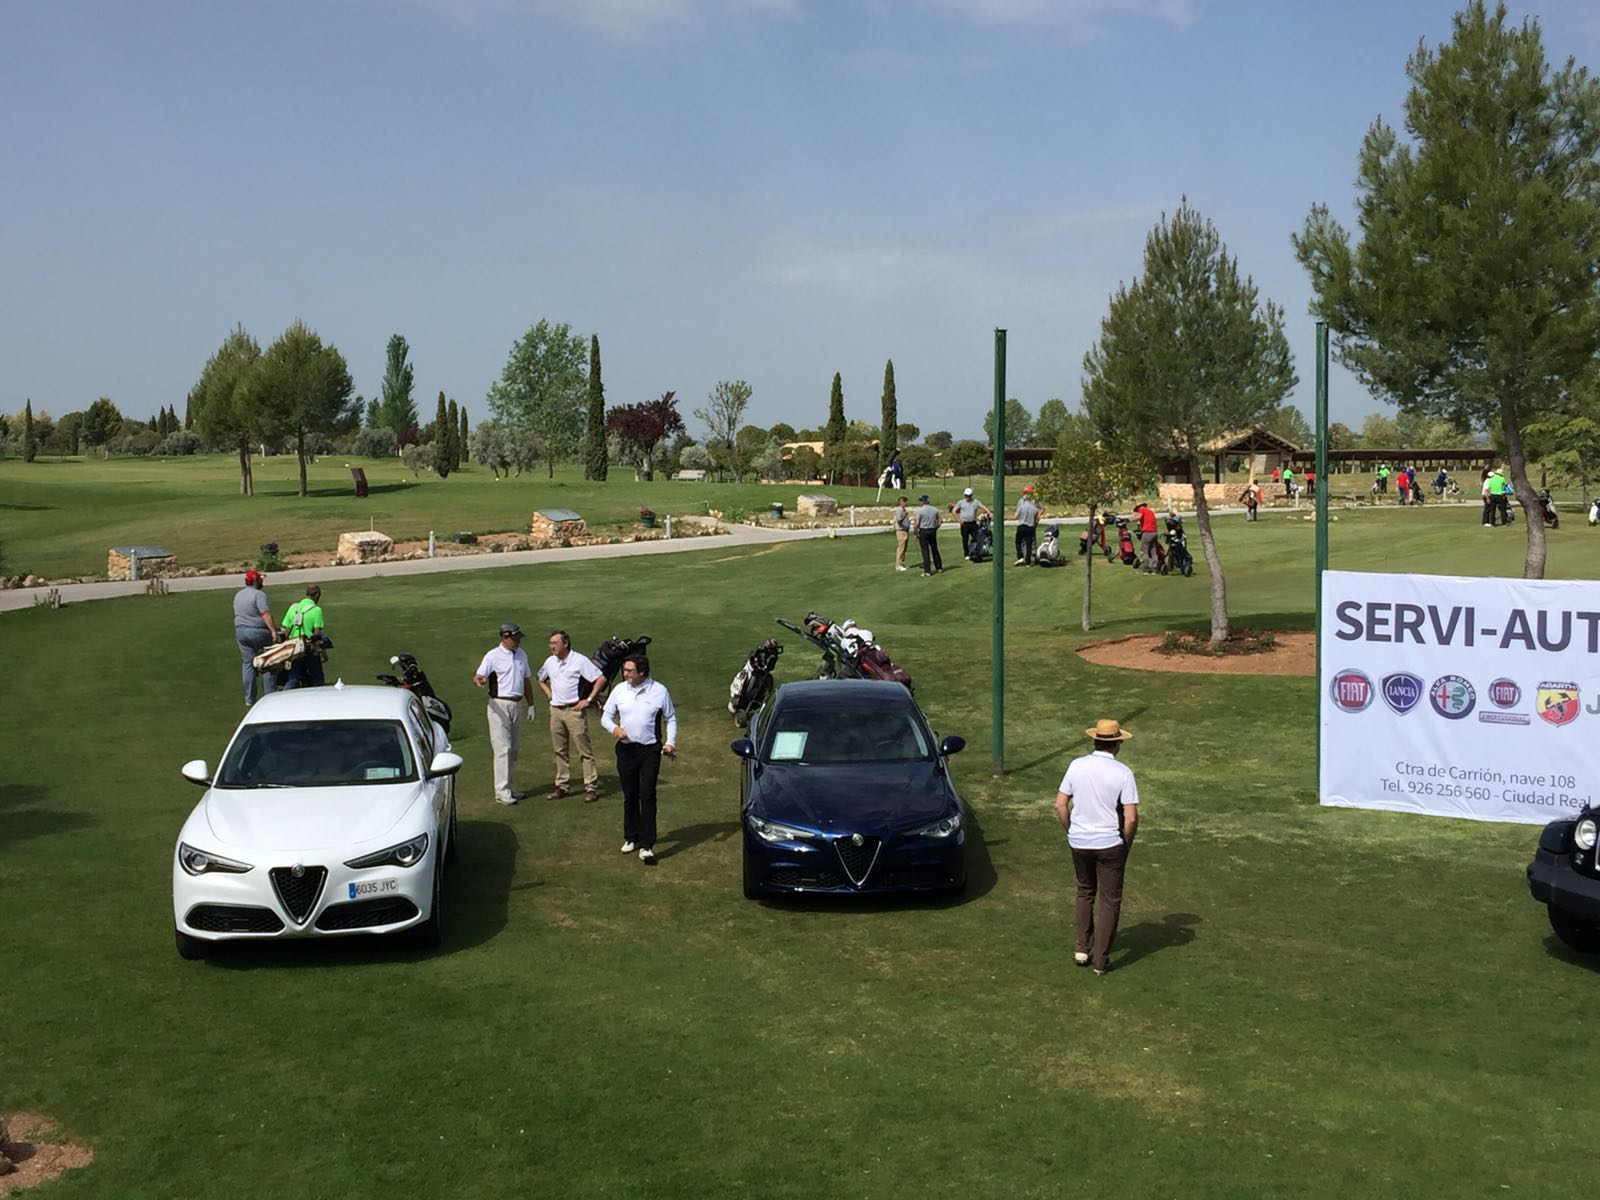 Serviauto - Torneo de Golf en Ciudad Real